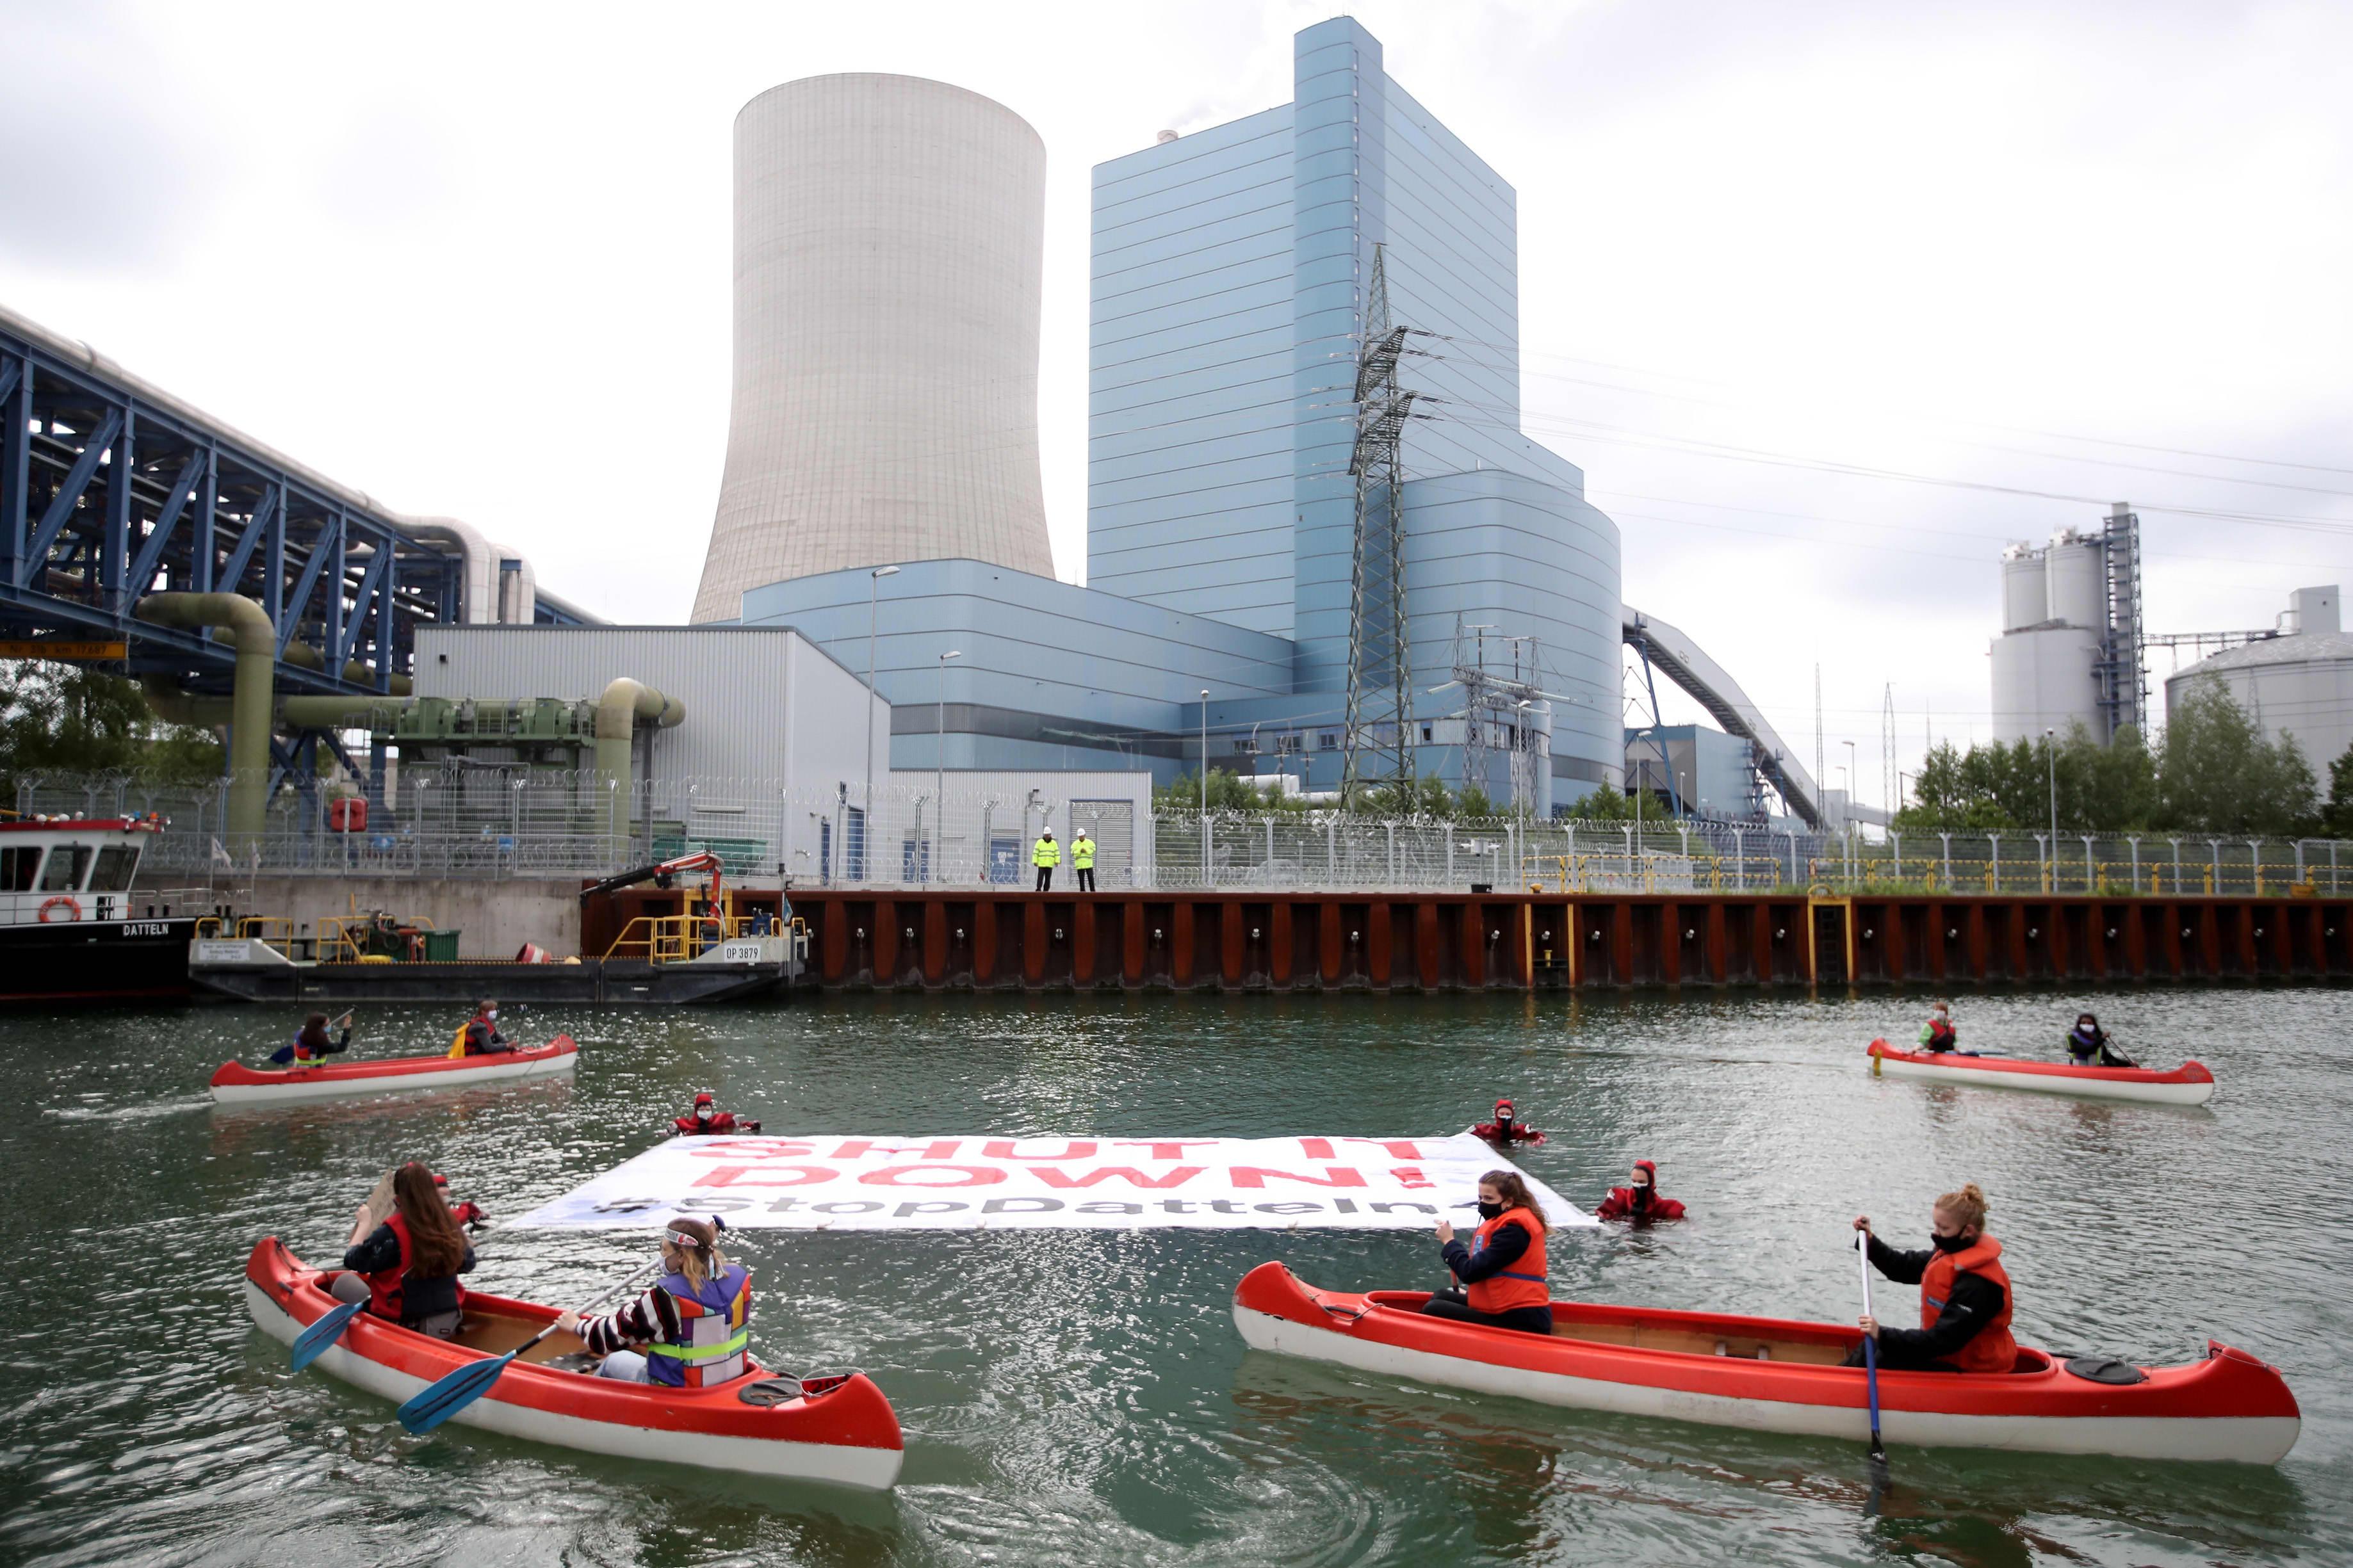 Greenpeacen ja Fridays For Futuren aktivistit osoittivat mieltään Uniperin Datteln 4 -hiilivoimalan edustalla 20. toukokuuta 2020.